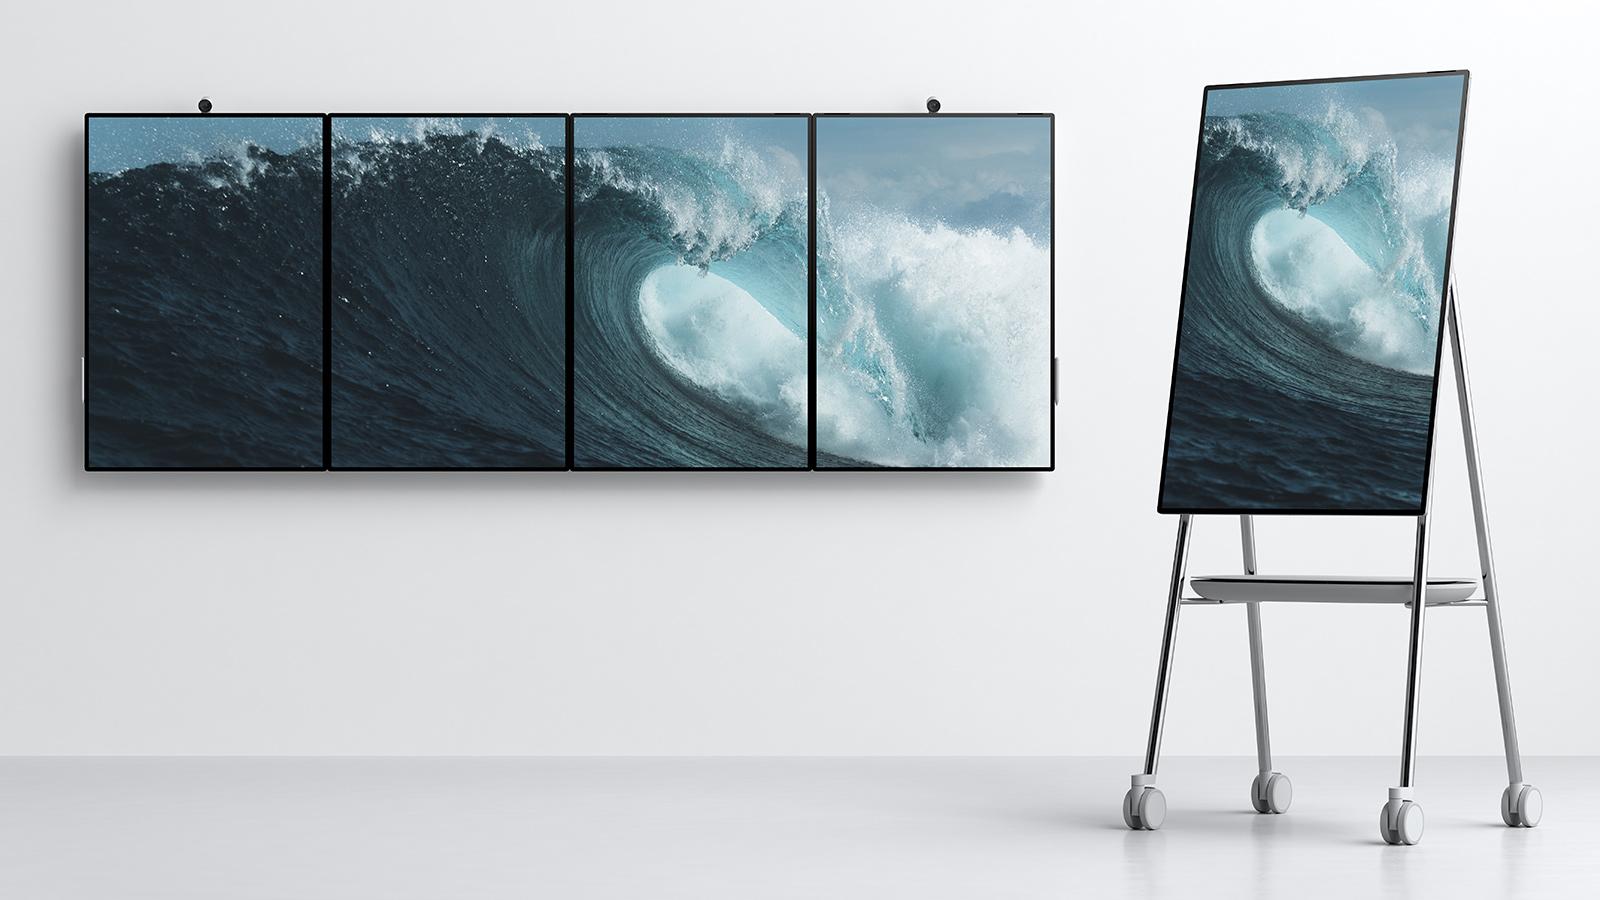 Bliv skrevet op til Surface HUB 2S